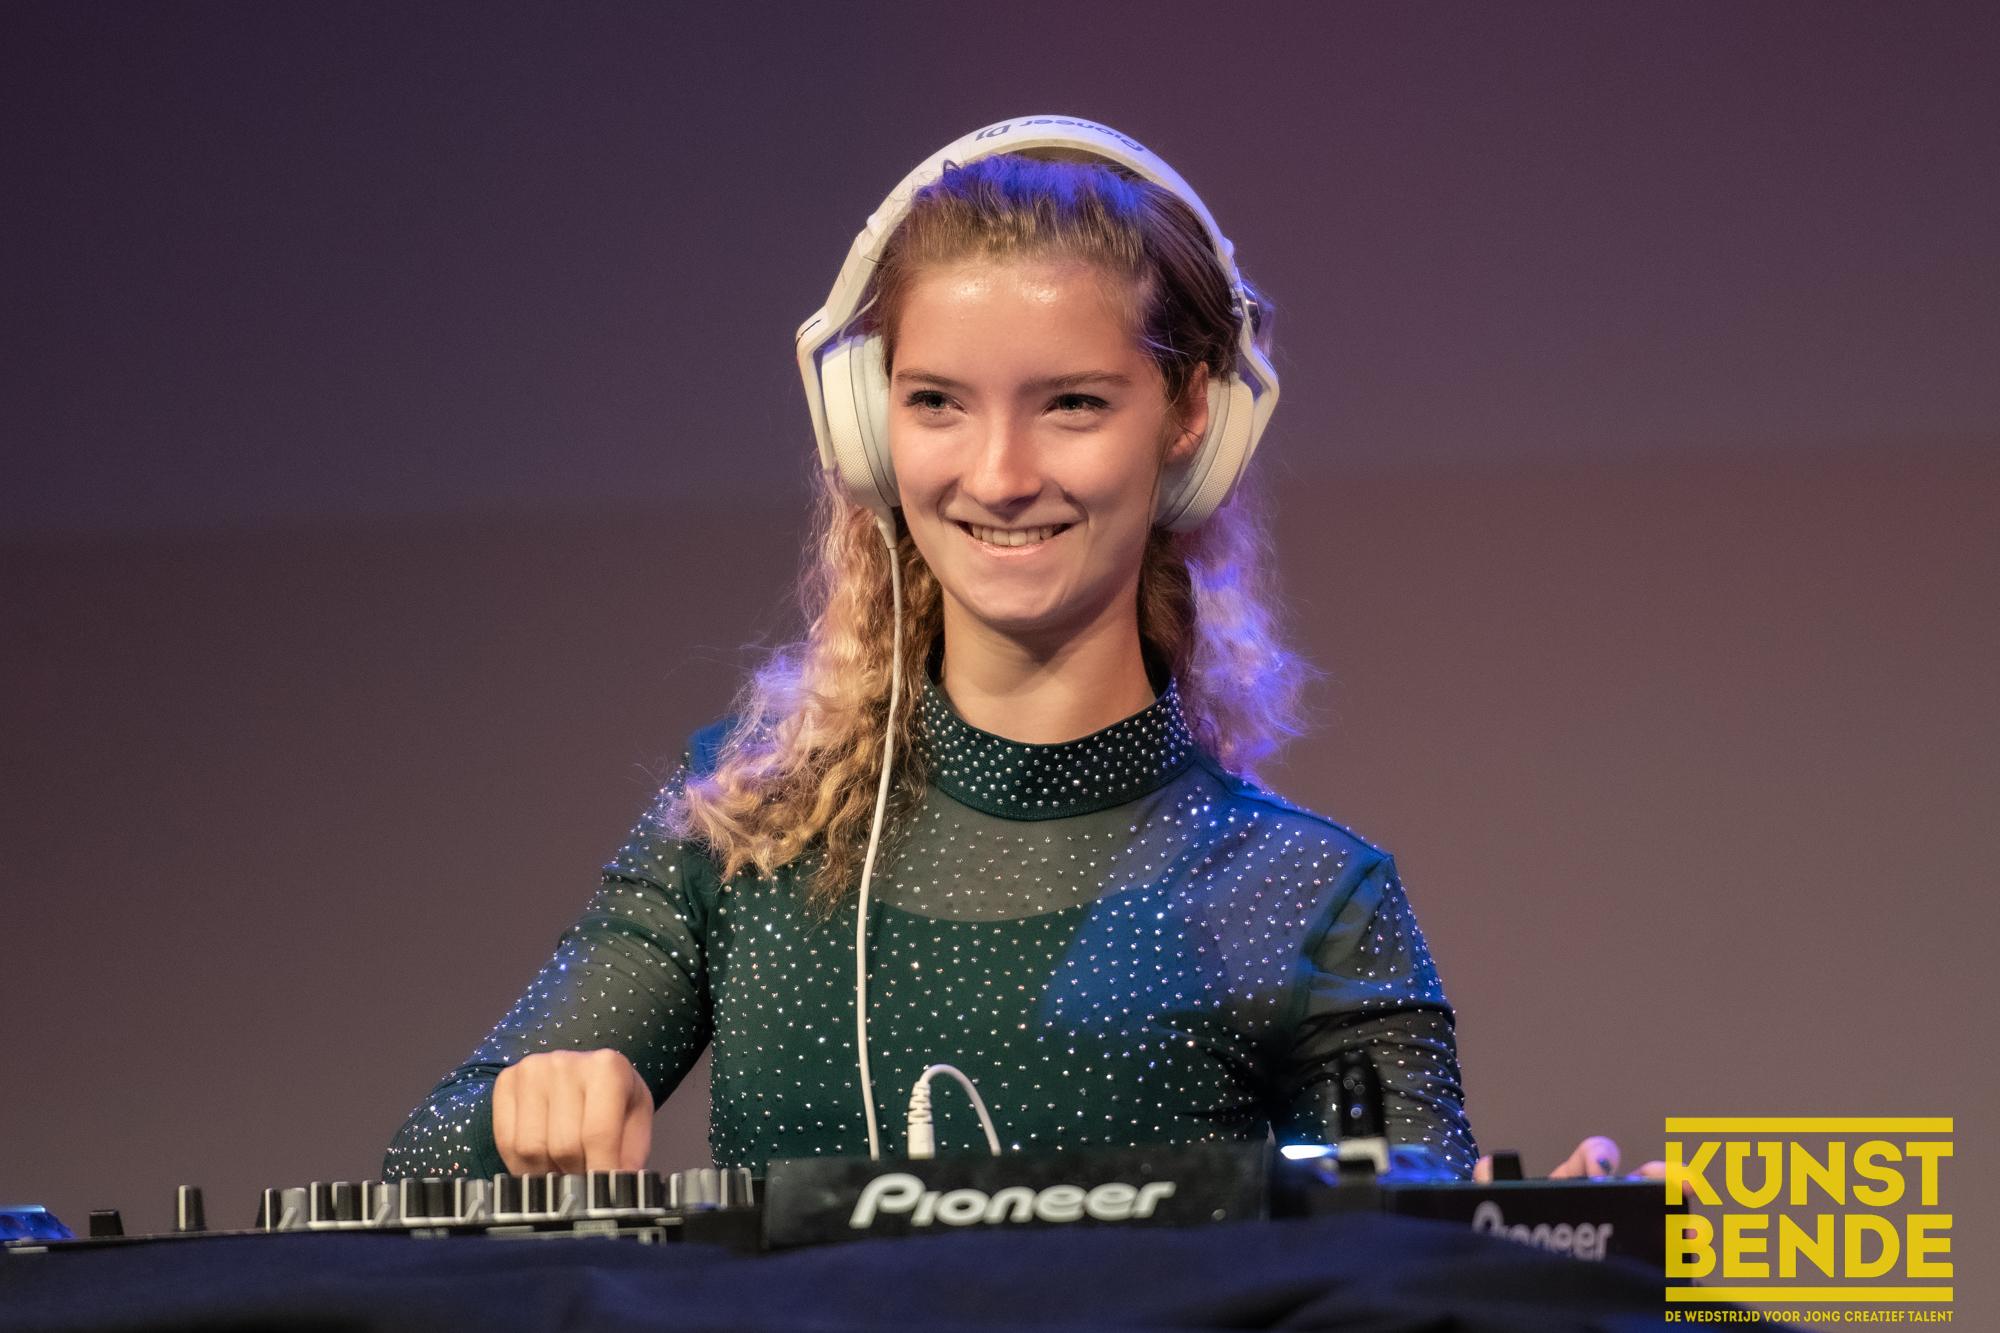 Kunstbende NB VR DJ 2020 - DJ JustRoozz - Foto Dave van Hout-4633